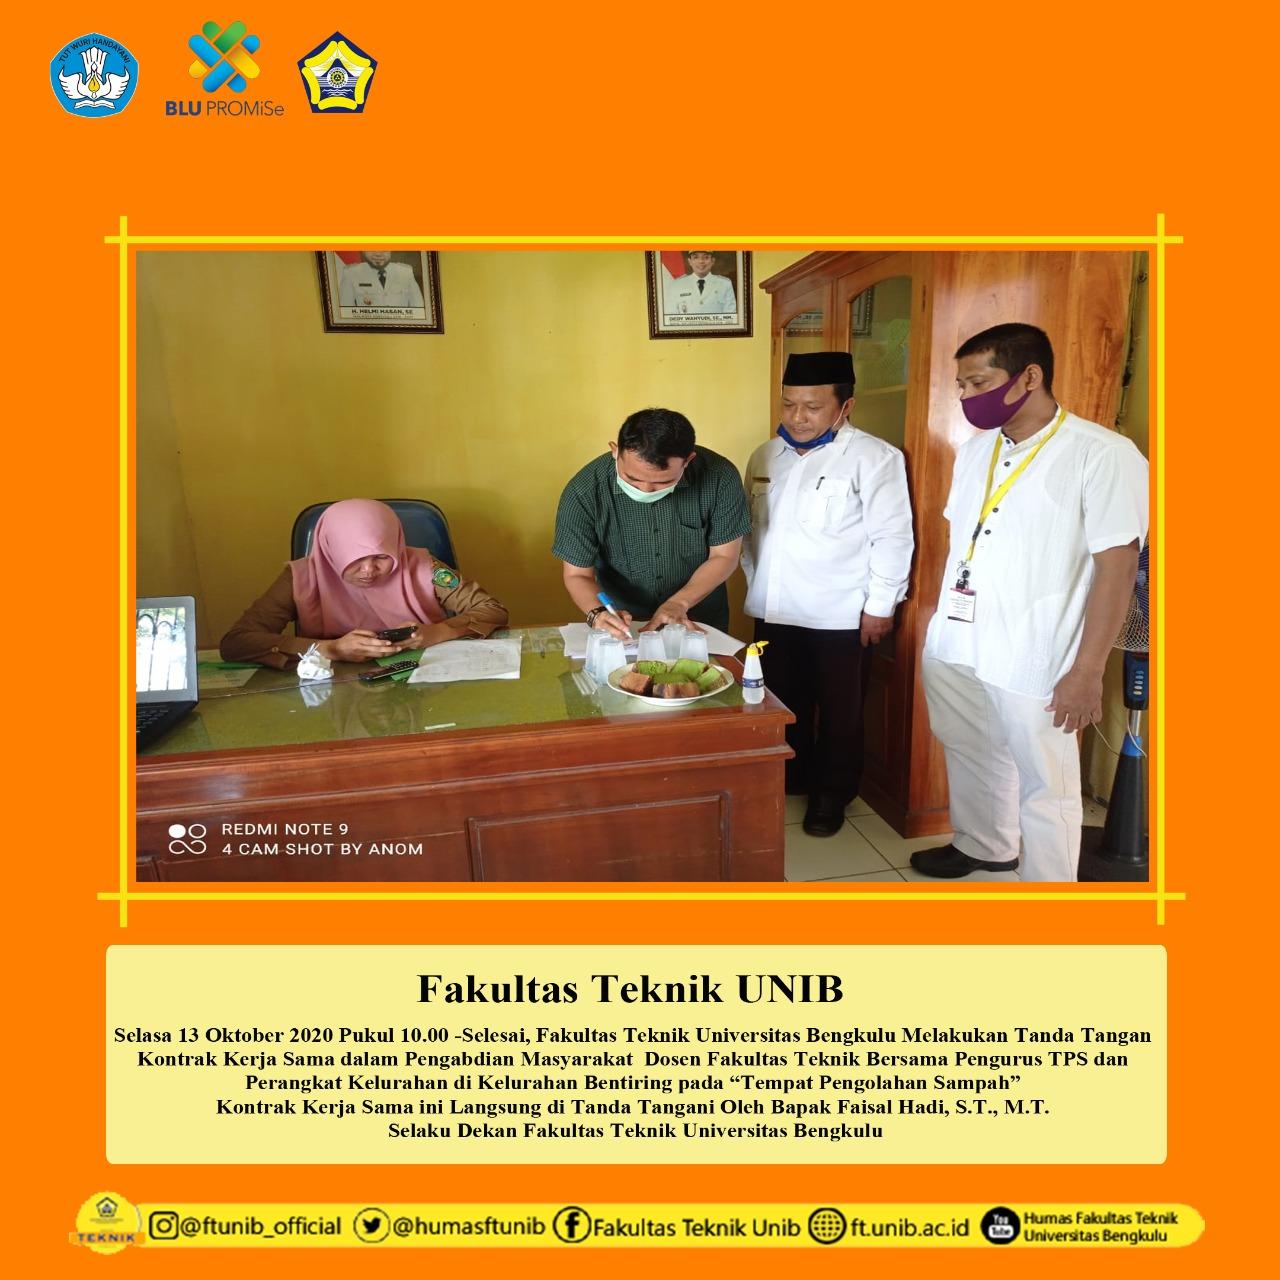 Penandatangan Kontrak Kerjasama Pengabdian Fakultas Teknik UNIB dengan Perangkat Kelurahan Bentiring